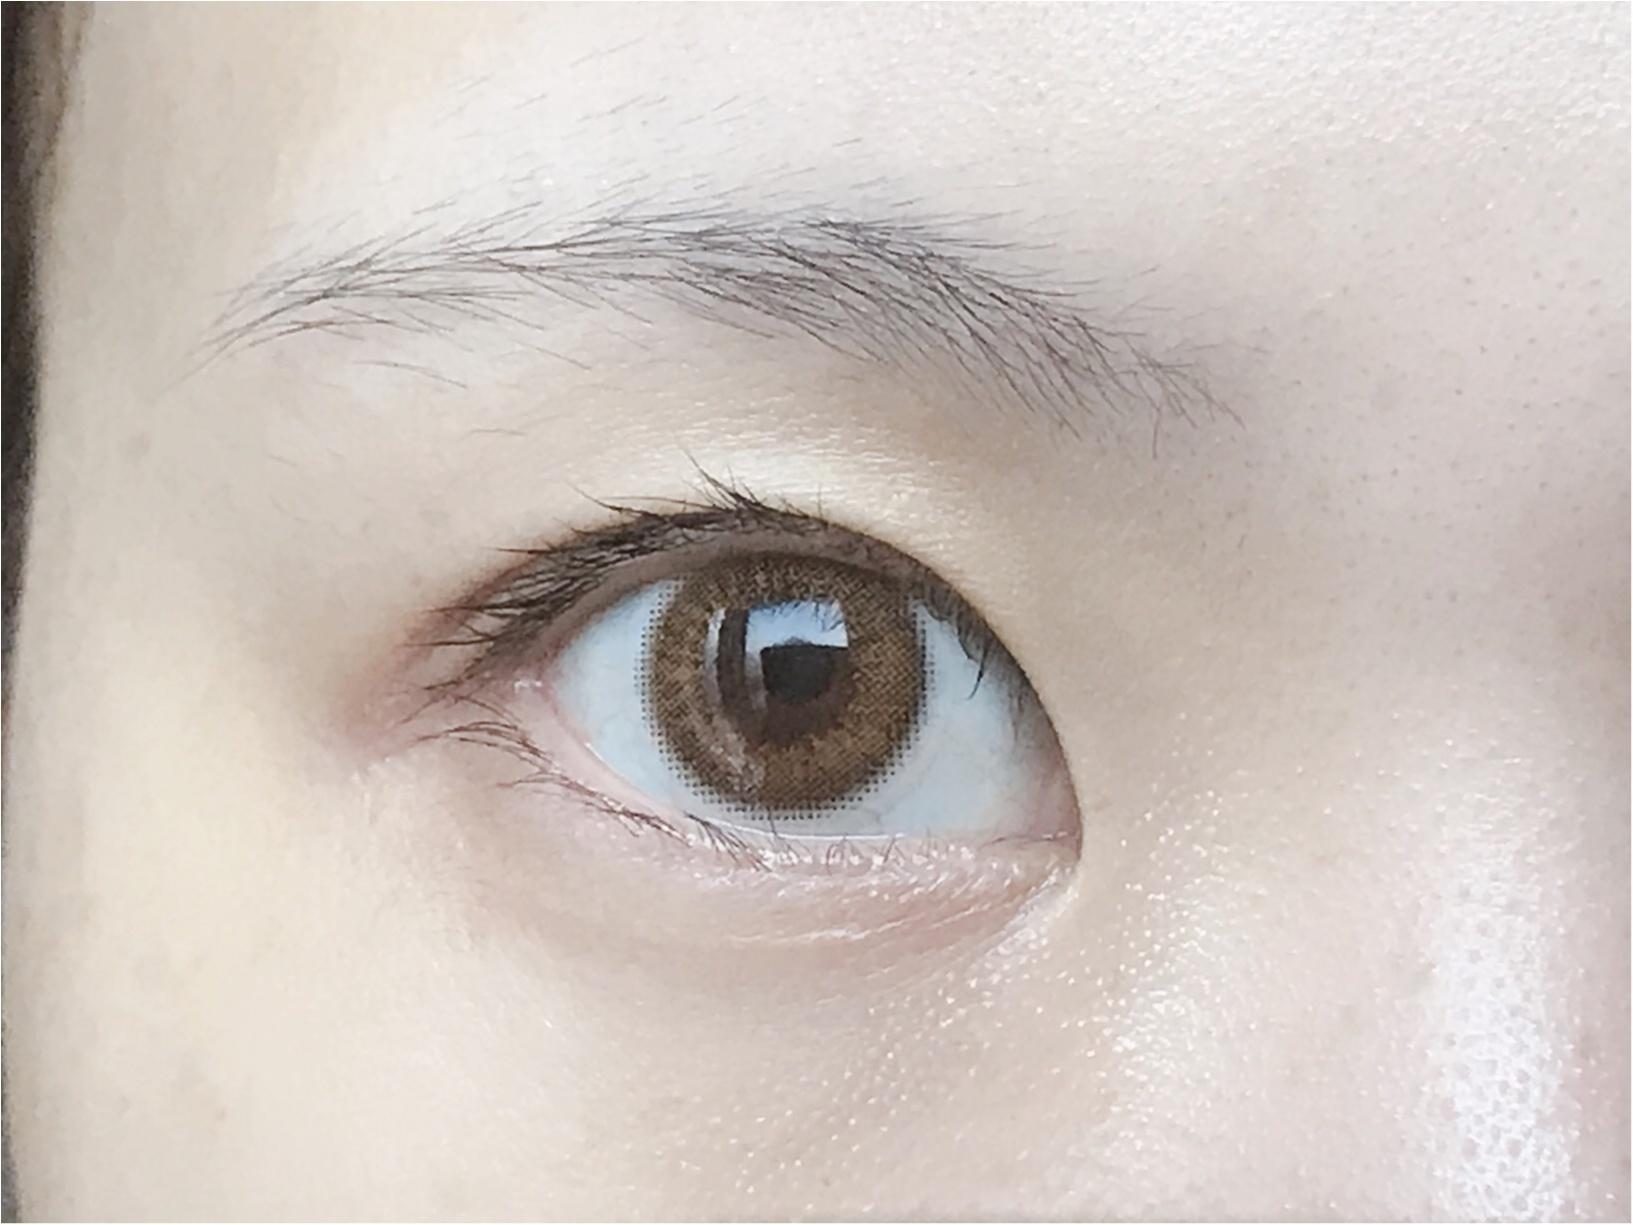 プチプラコスメで簡単メイク♡愛され顔に必須のぷっくり涙袋の作り方_2